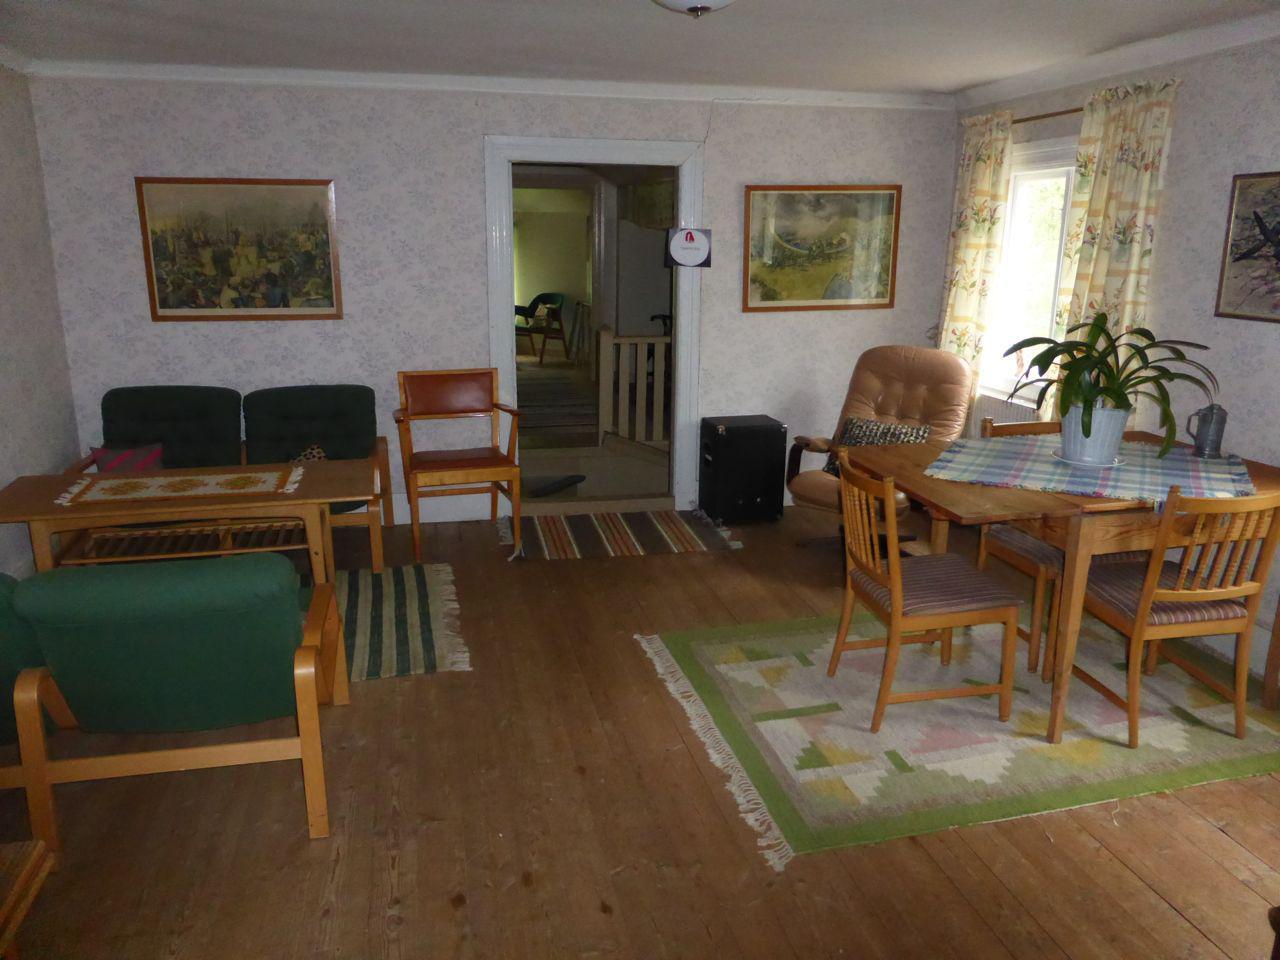 Norra rummet på övervåningen